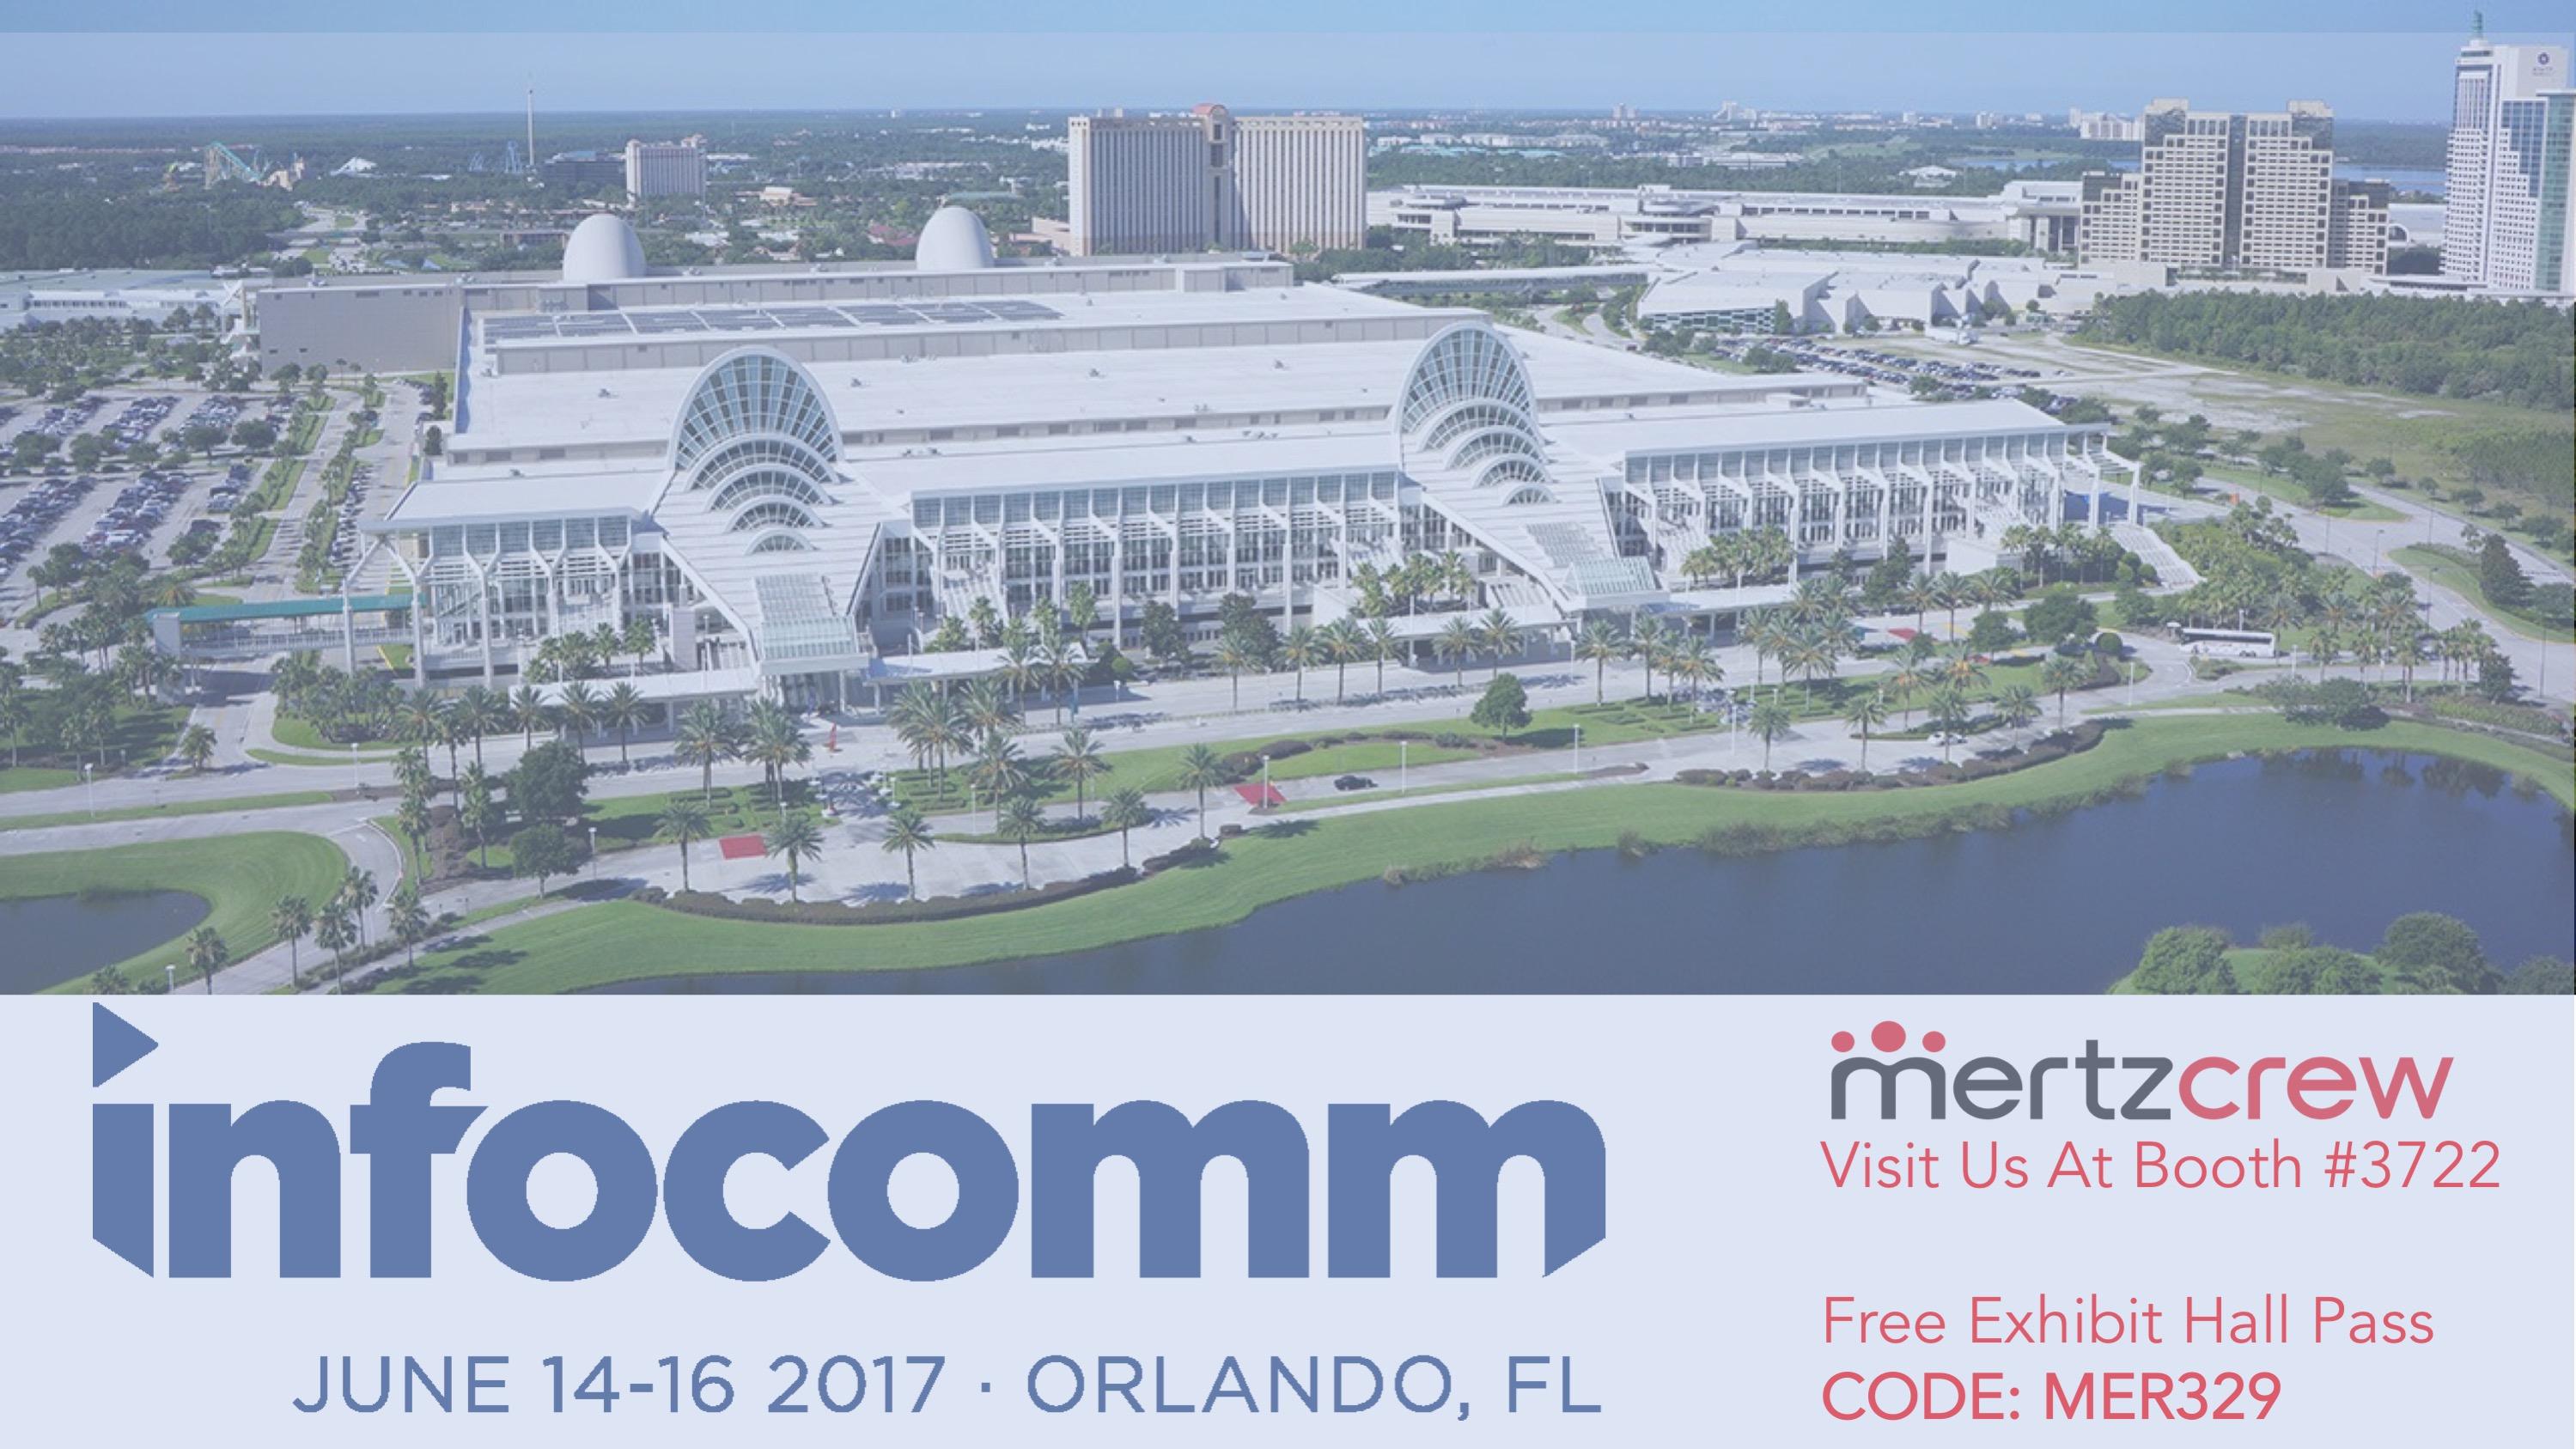 Infocomm-2017-Blog-Cover-2.jpg